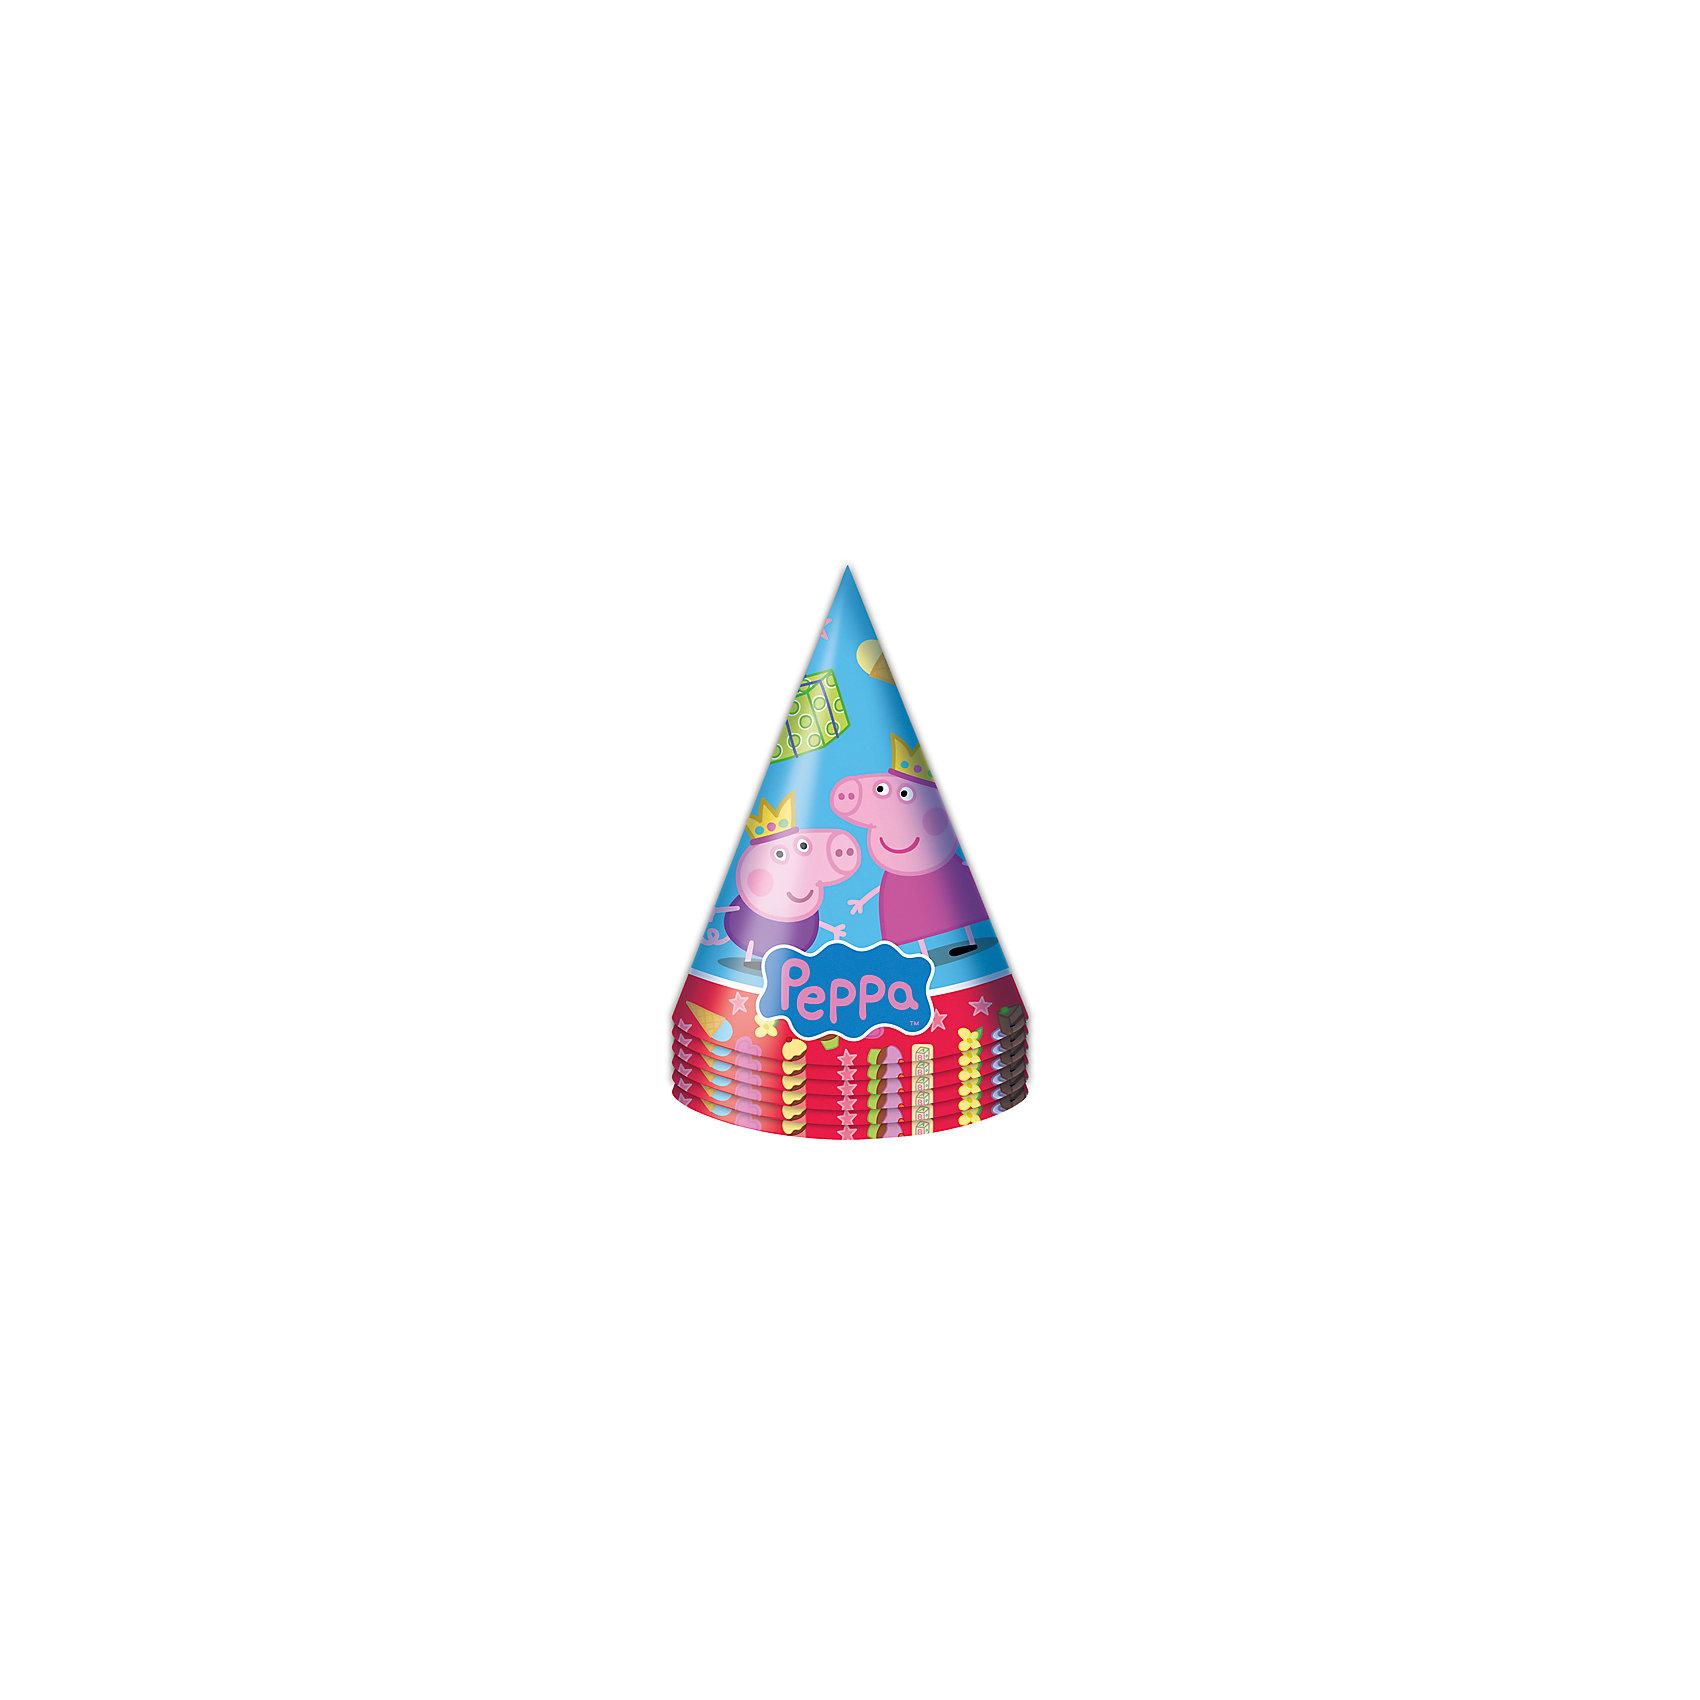 Росмэн Праздничный колпак Пеппа-принцесса, 6 шт росмэн праздничный колпак пеппа принцесса 6 шт